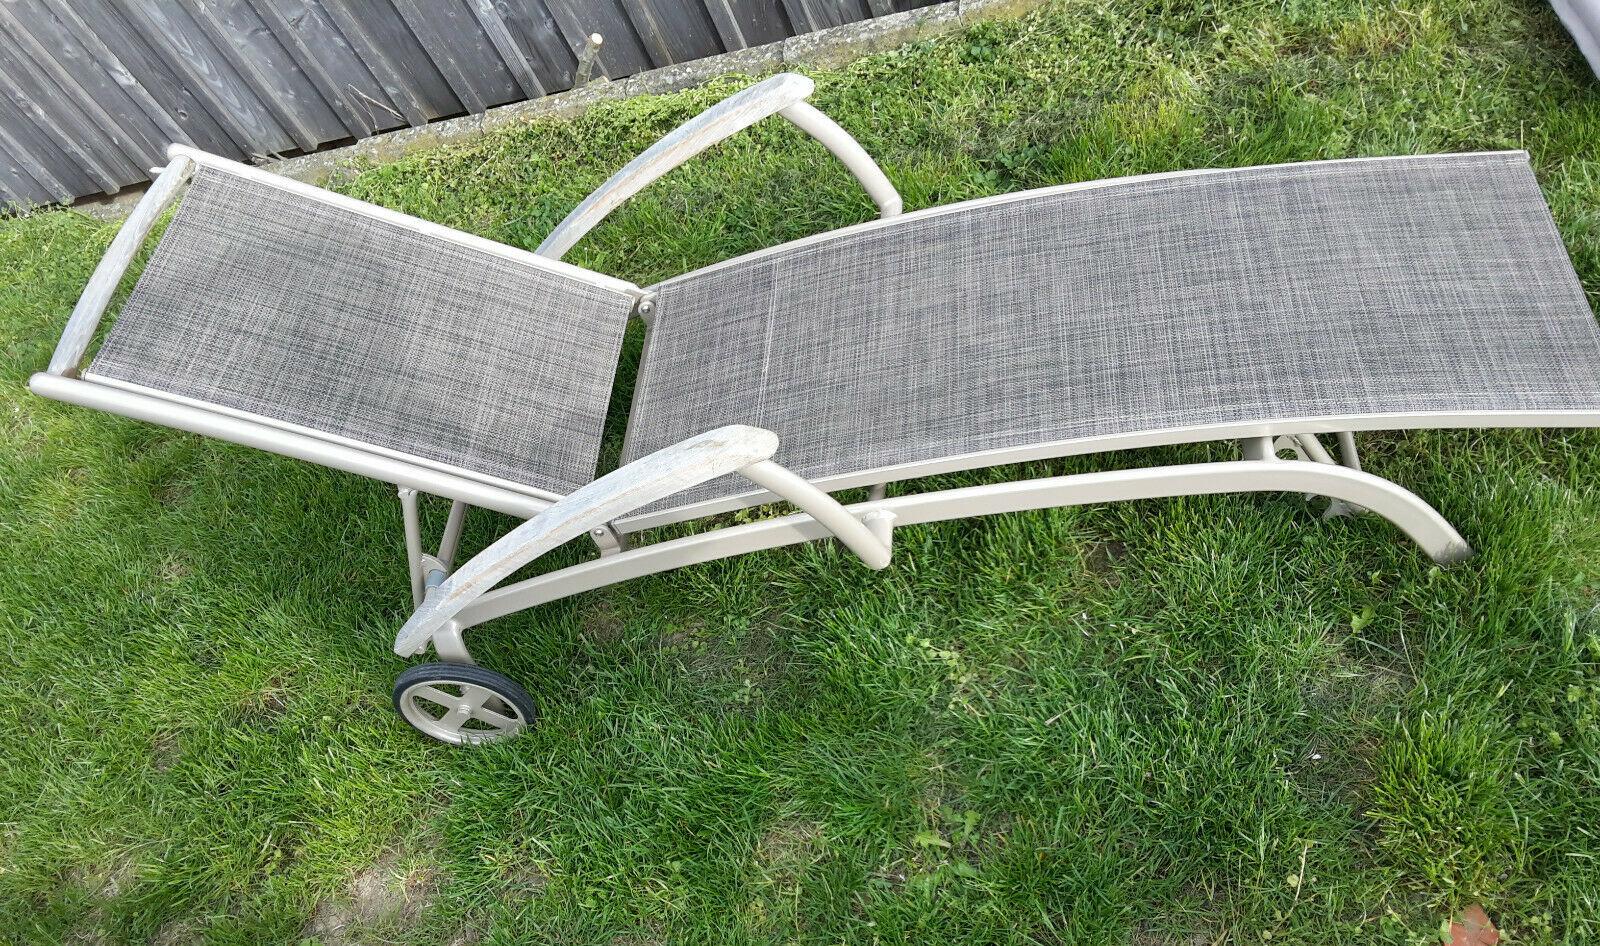 Full Size of Sonnenliege Ikea Gartenliege Mbel Sofa Mit Schlaffunktion Küche Kaufen Betten 160x200 Kosten Miniküche Modulküche Bei Wohnzimmer Sonnenliege Ikea